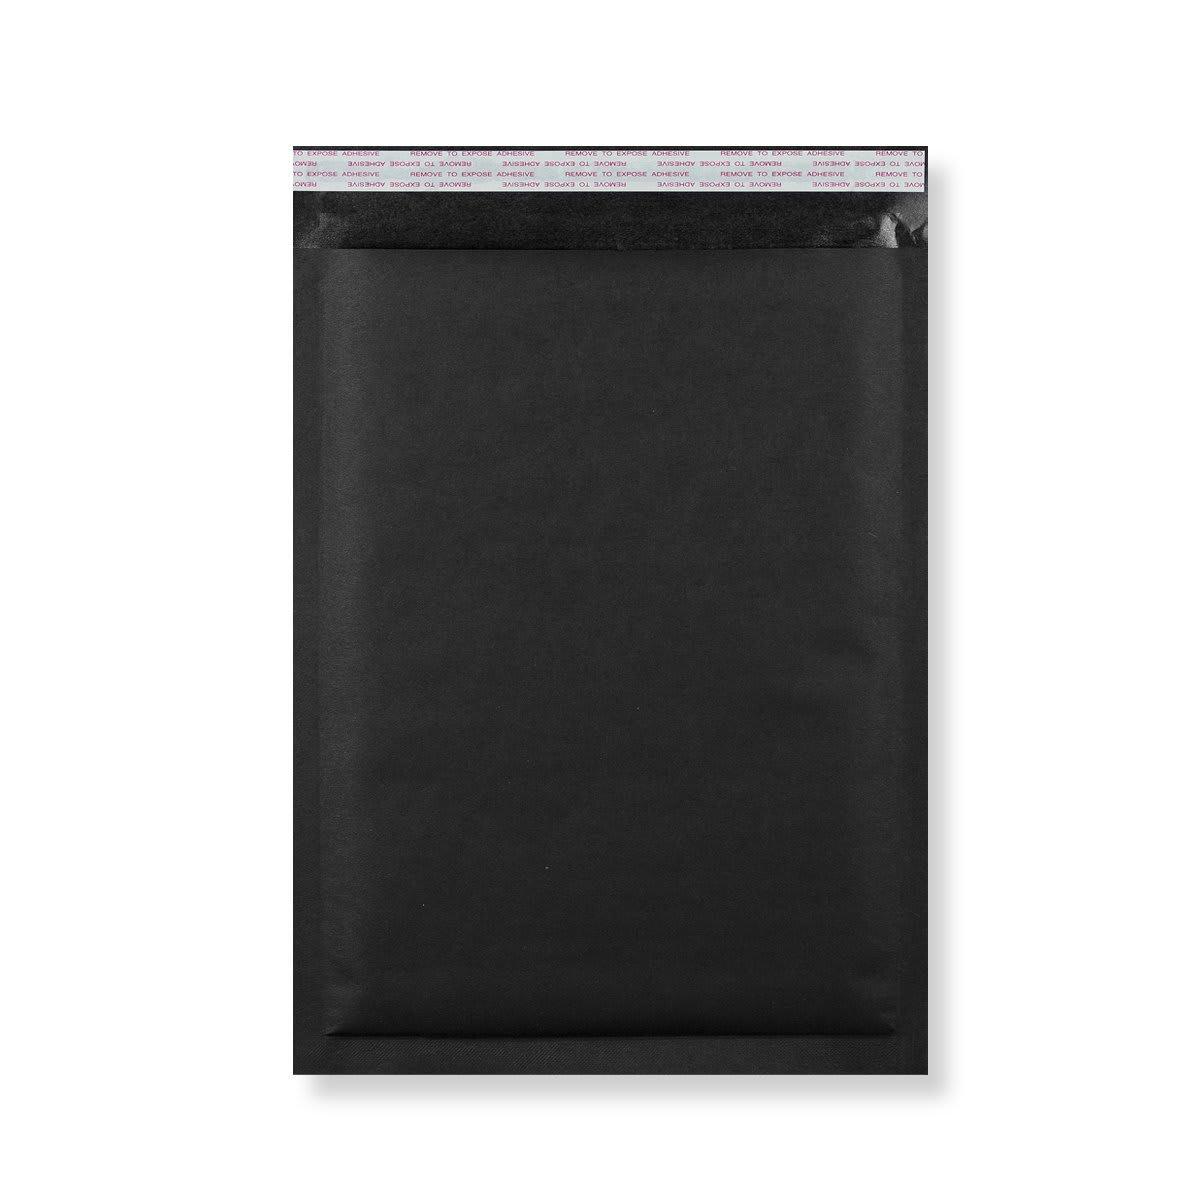 C3 BLACK PADDED BUBBLE ENVELOPES (450 x 320MM)